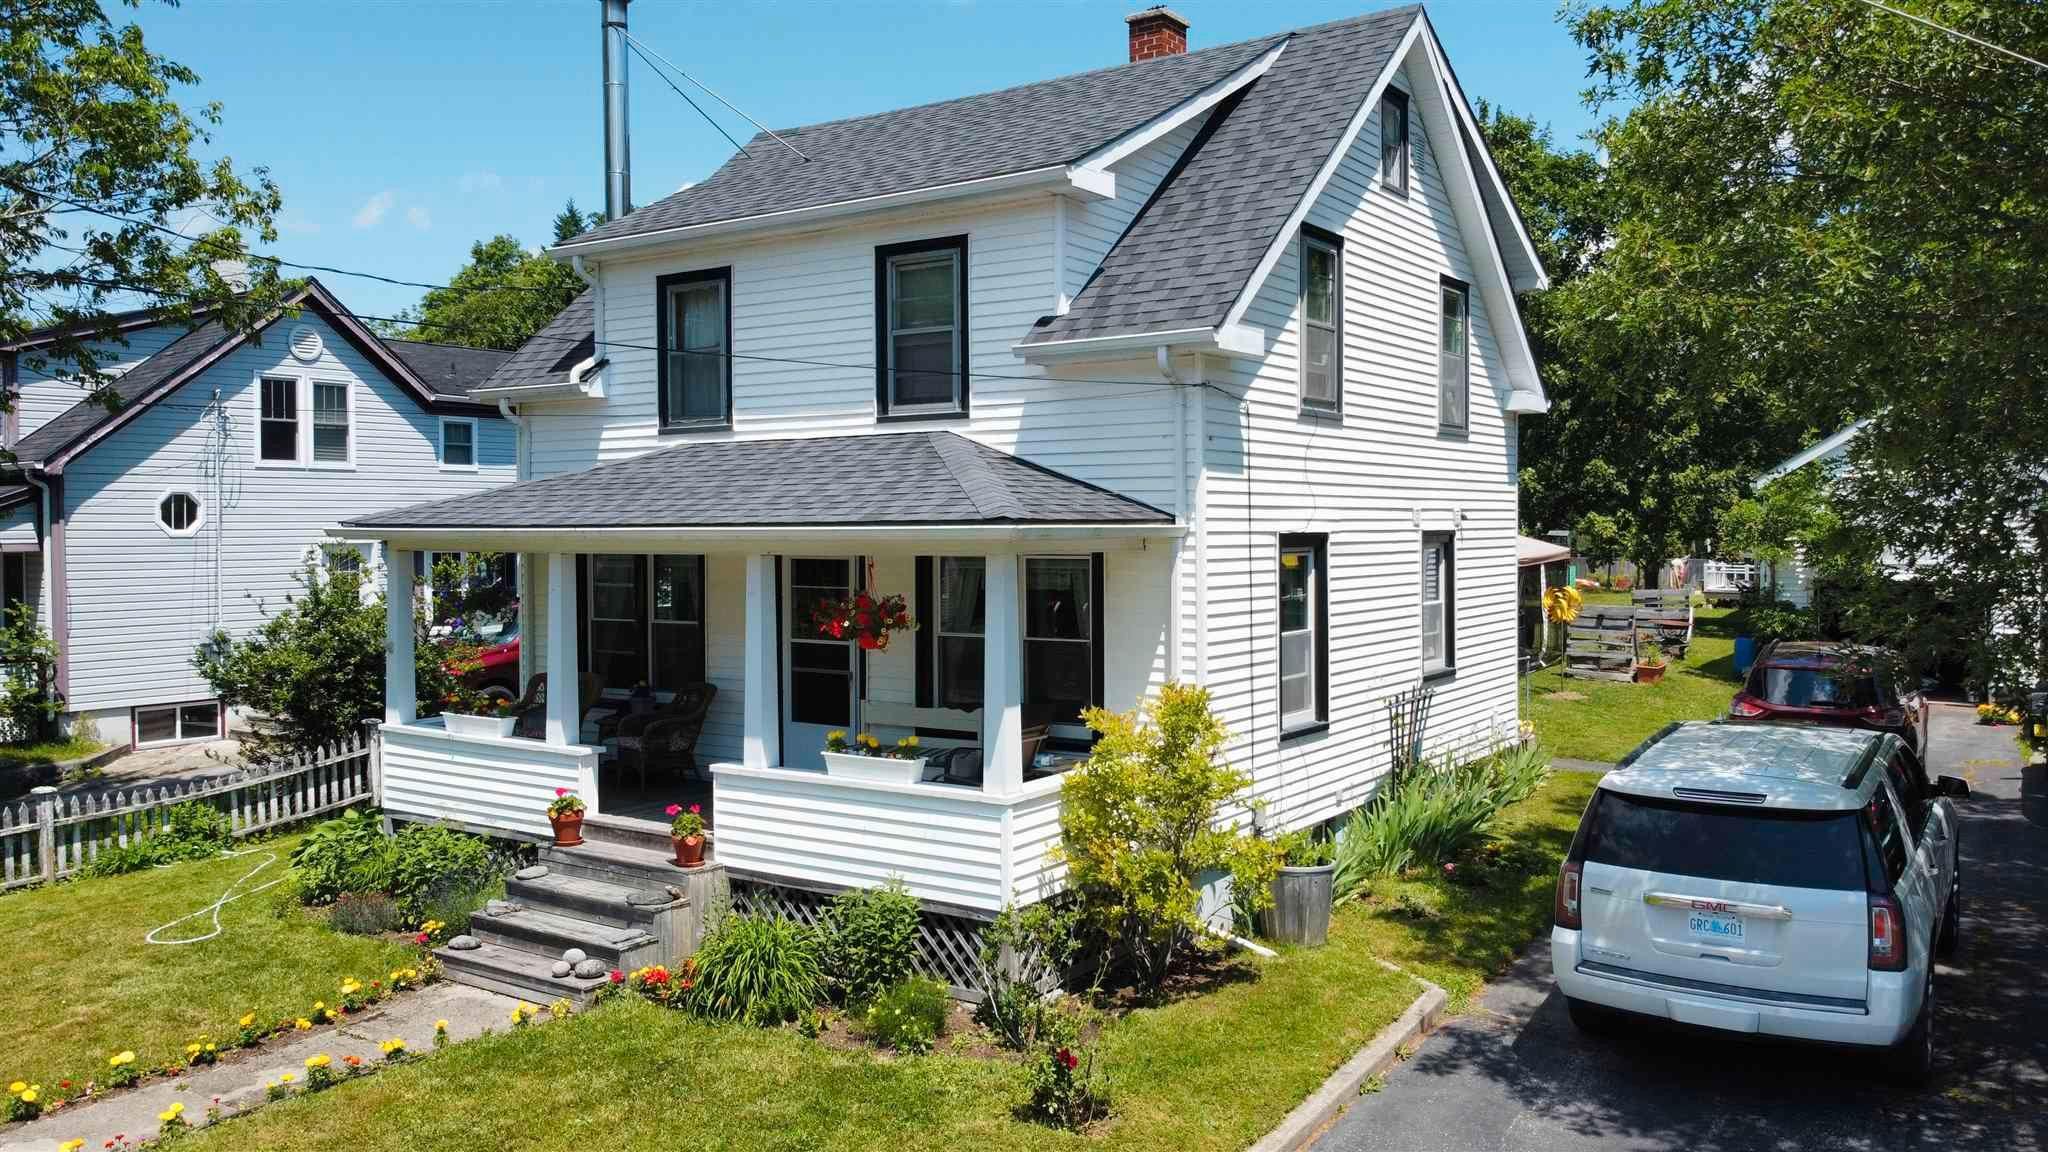 Main Photo: 196 Mowatt Street in Shelburne: 407-Shelburne County Residential for sale (South Shore)  : MLS®# 202118396